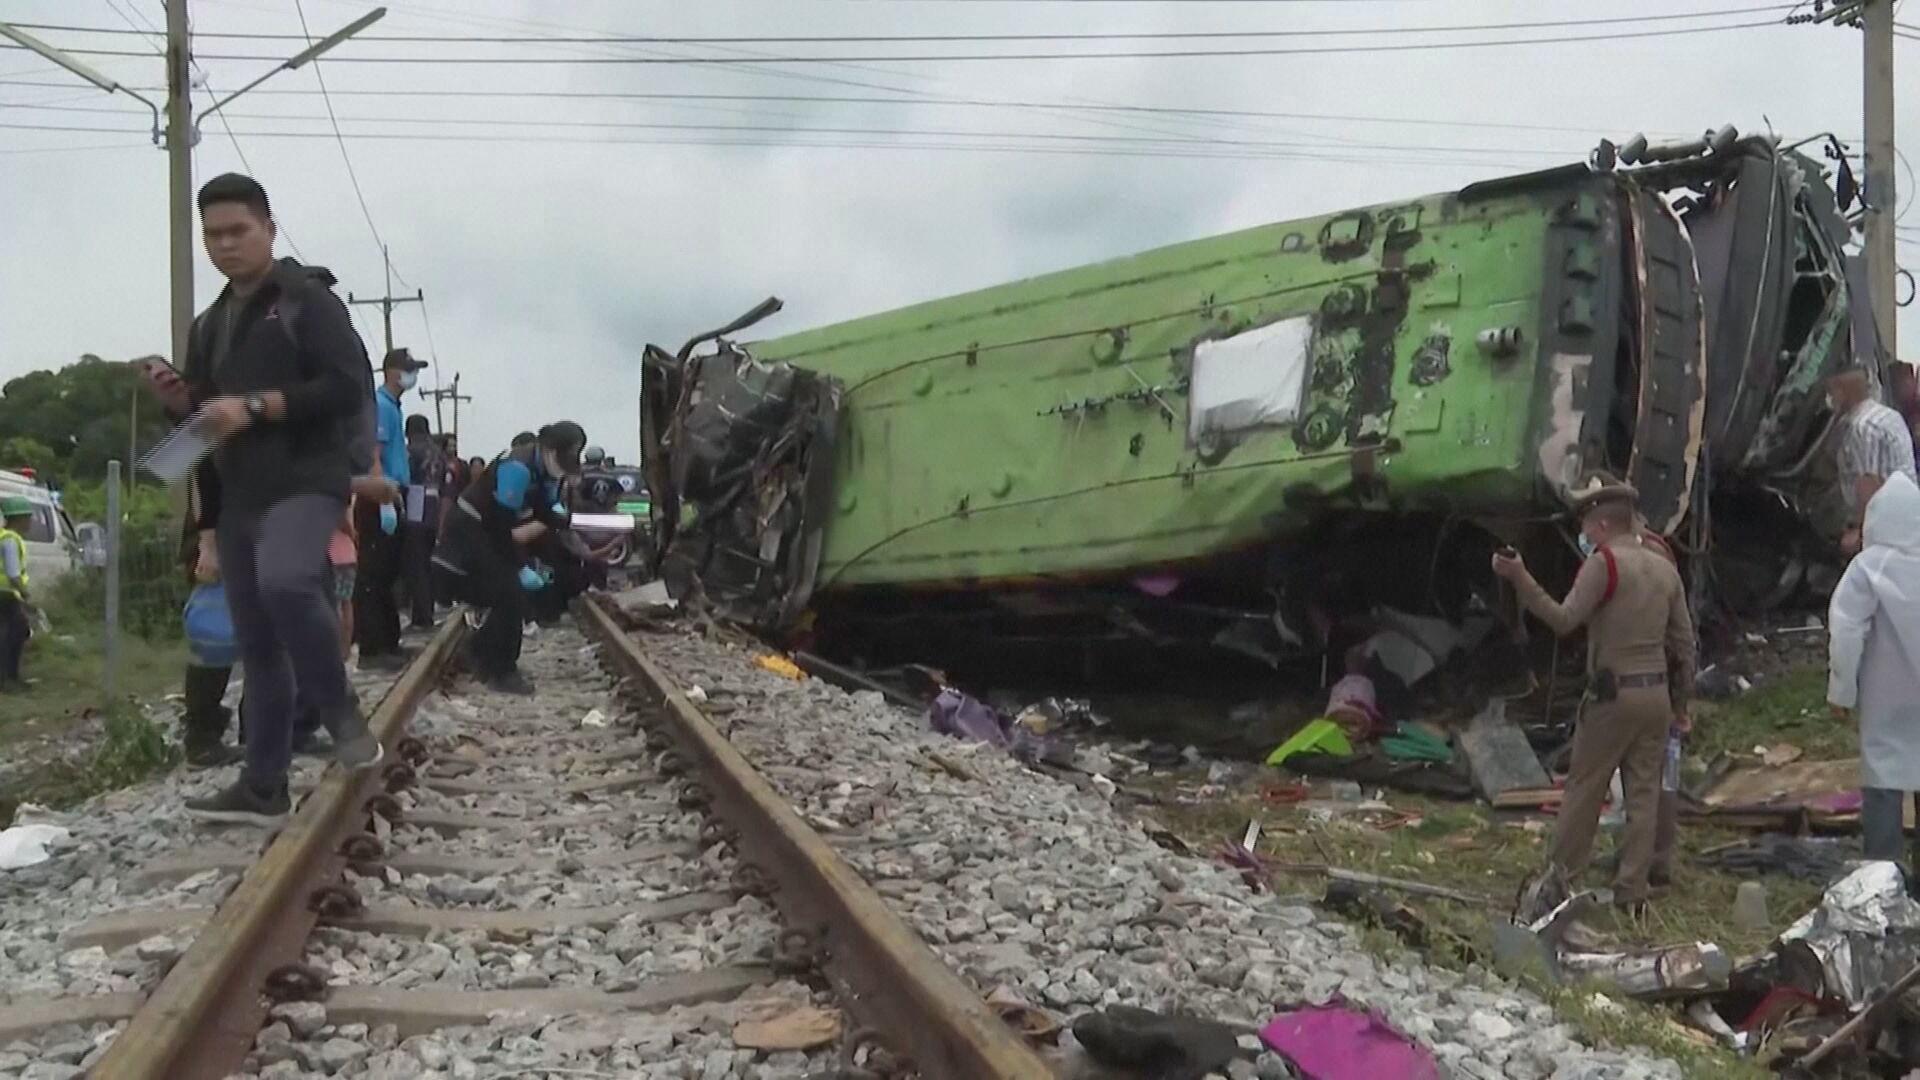 Acidente entre ônibus e trem deixa 20 mortos na Tailândia (11.out.2020)